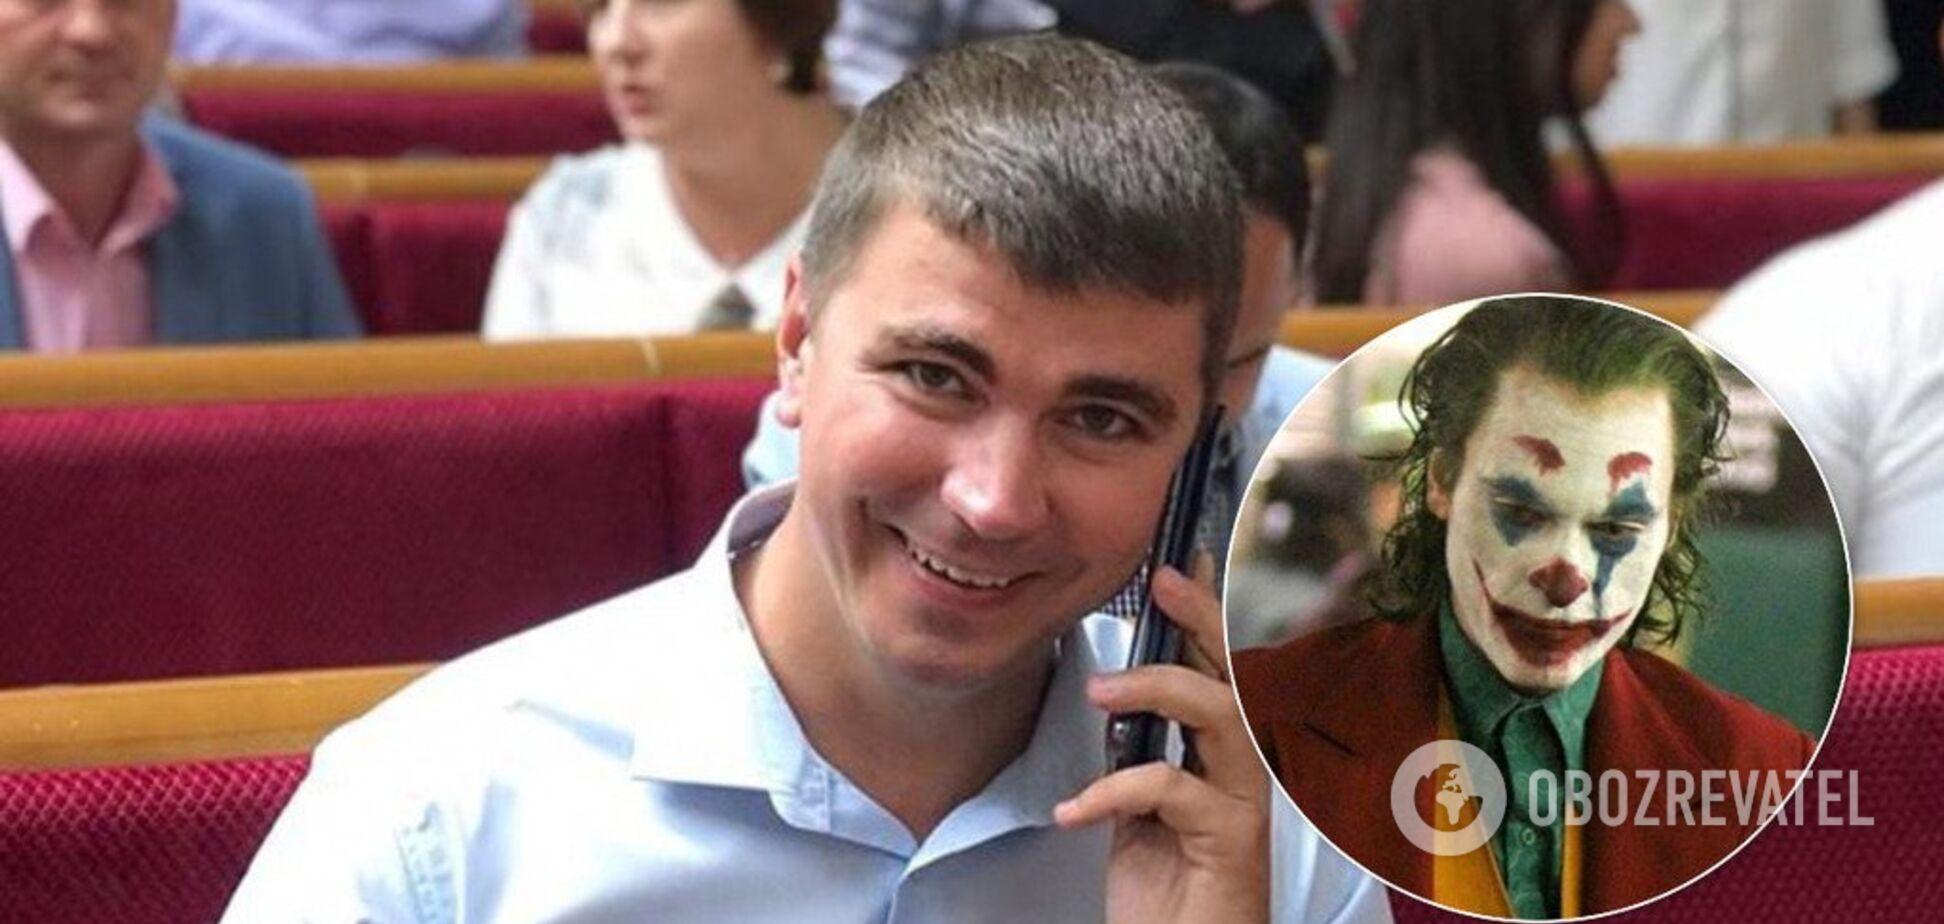 Поляков сорвал 'атаку Джокера': обнародована переписка